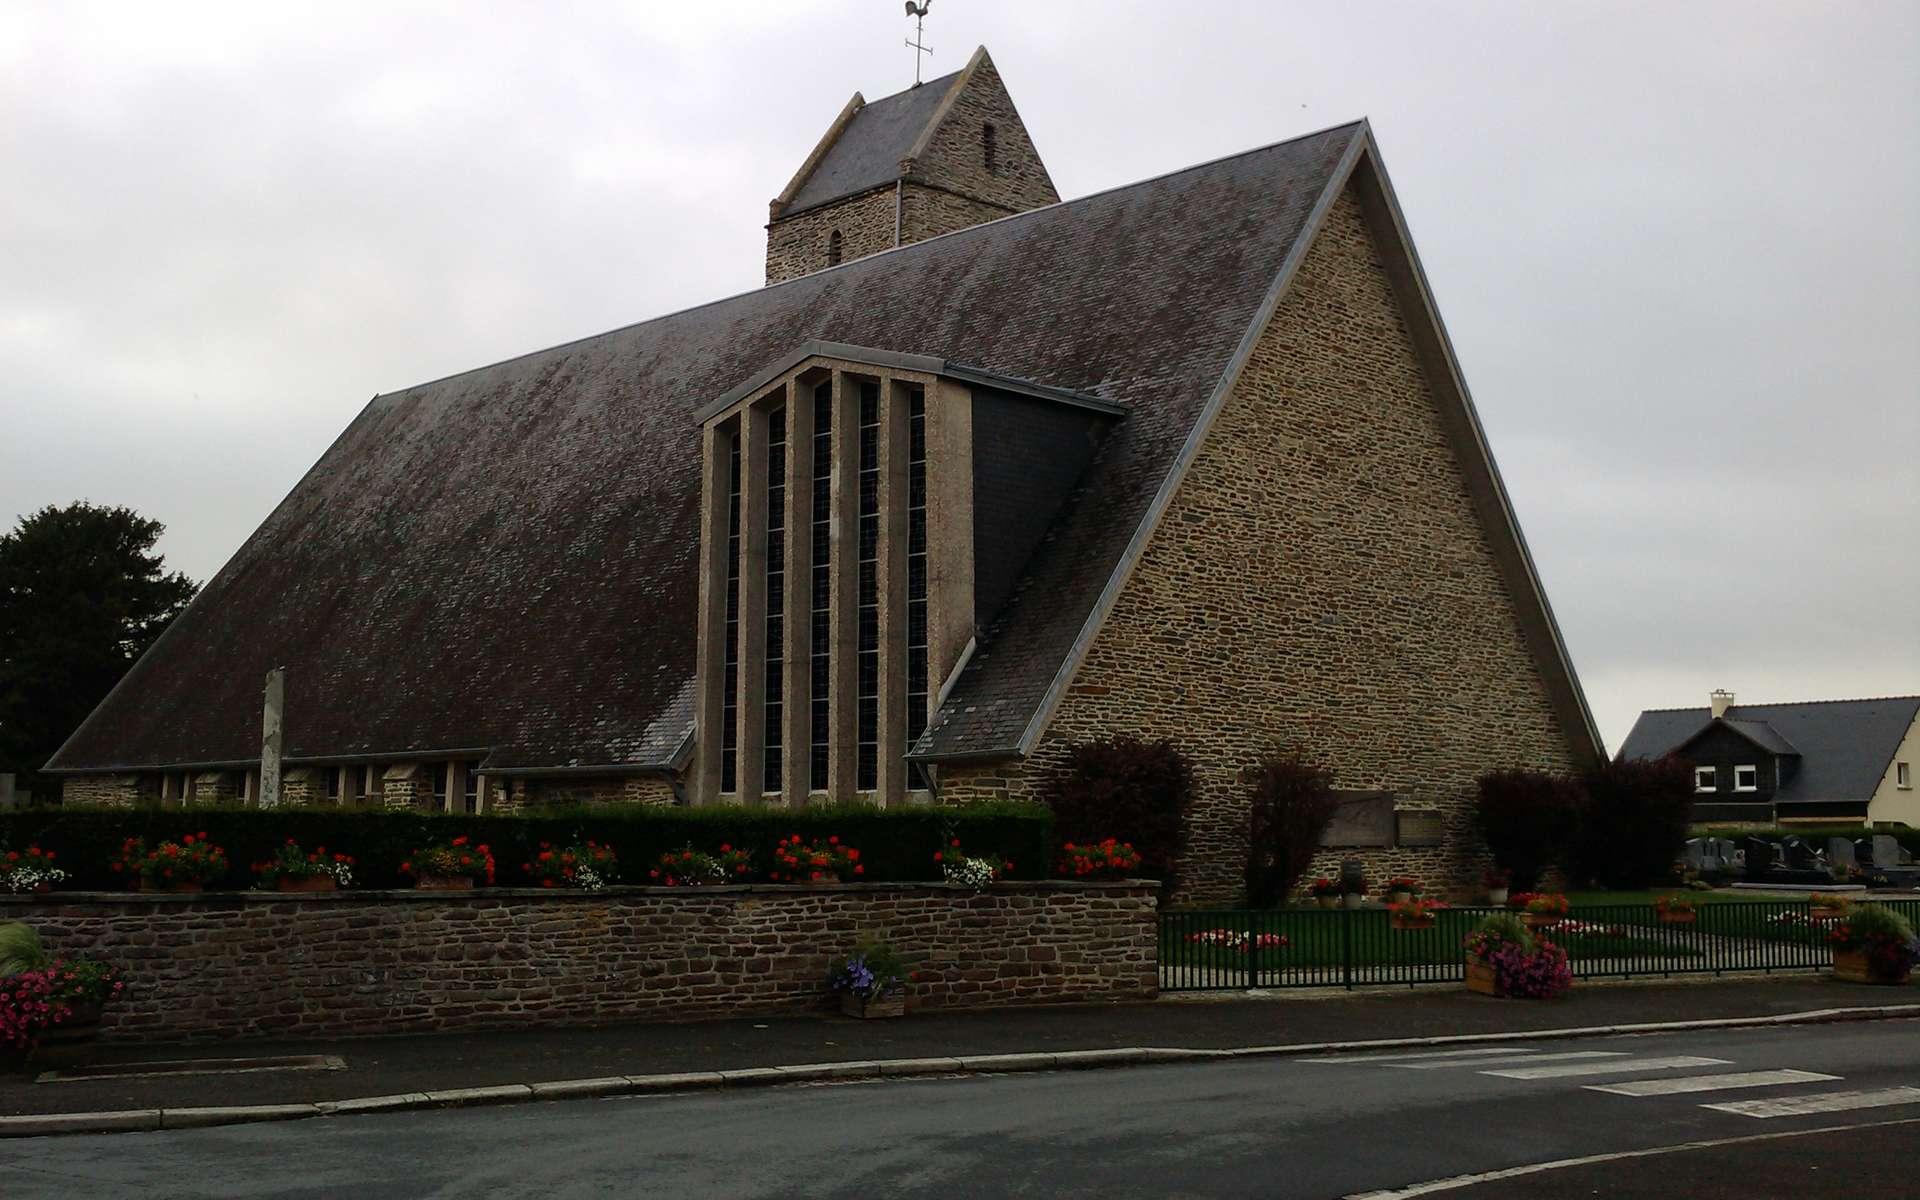 Une bâtière est un toit composé de deux pentes inclinées, comme ici sur cette église Saint-Pierre. © Xfigpower, CC BY-SA 3.0, Wikimedia Commons